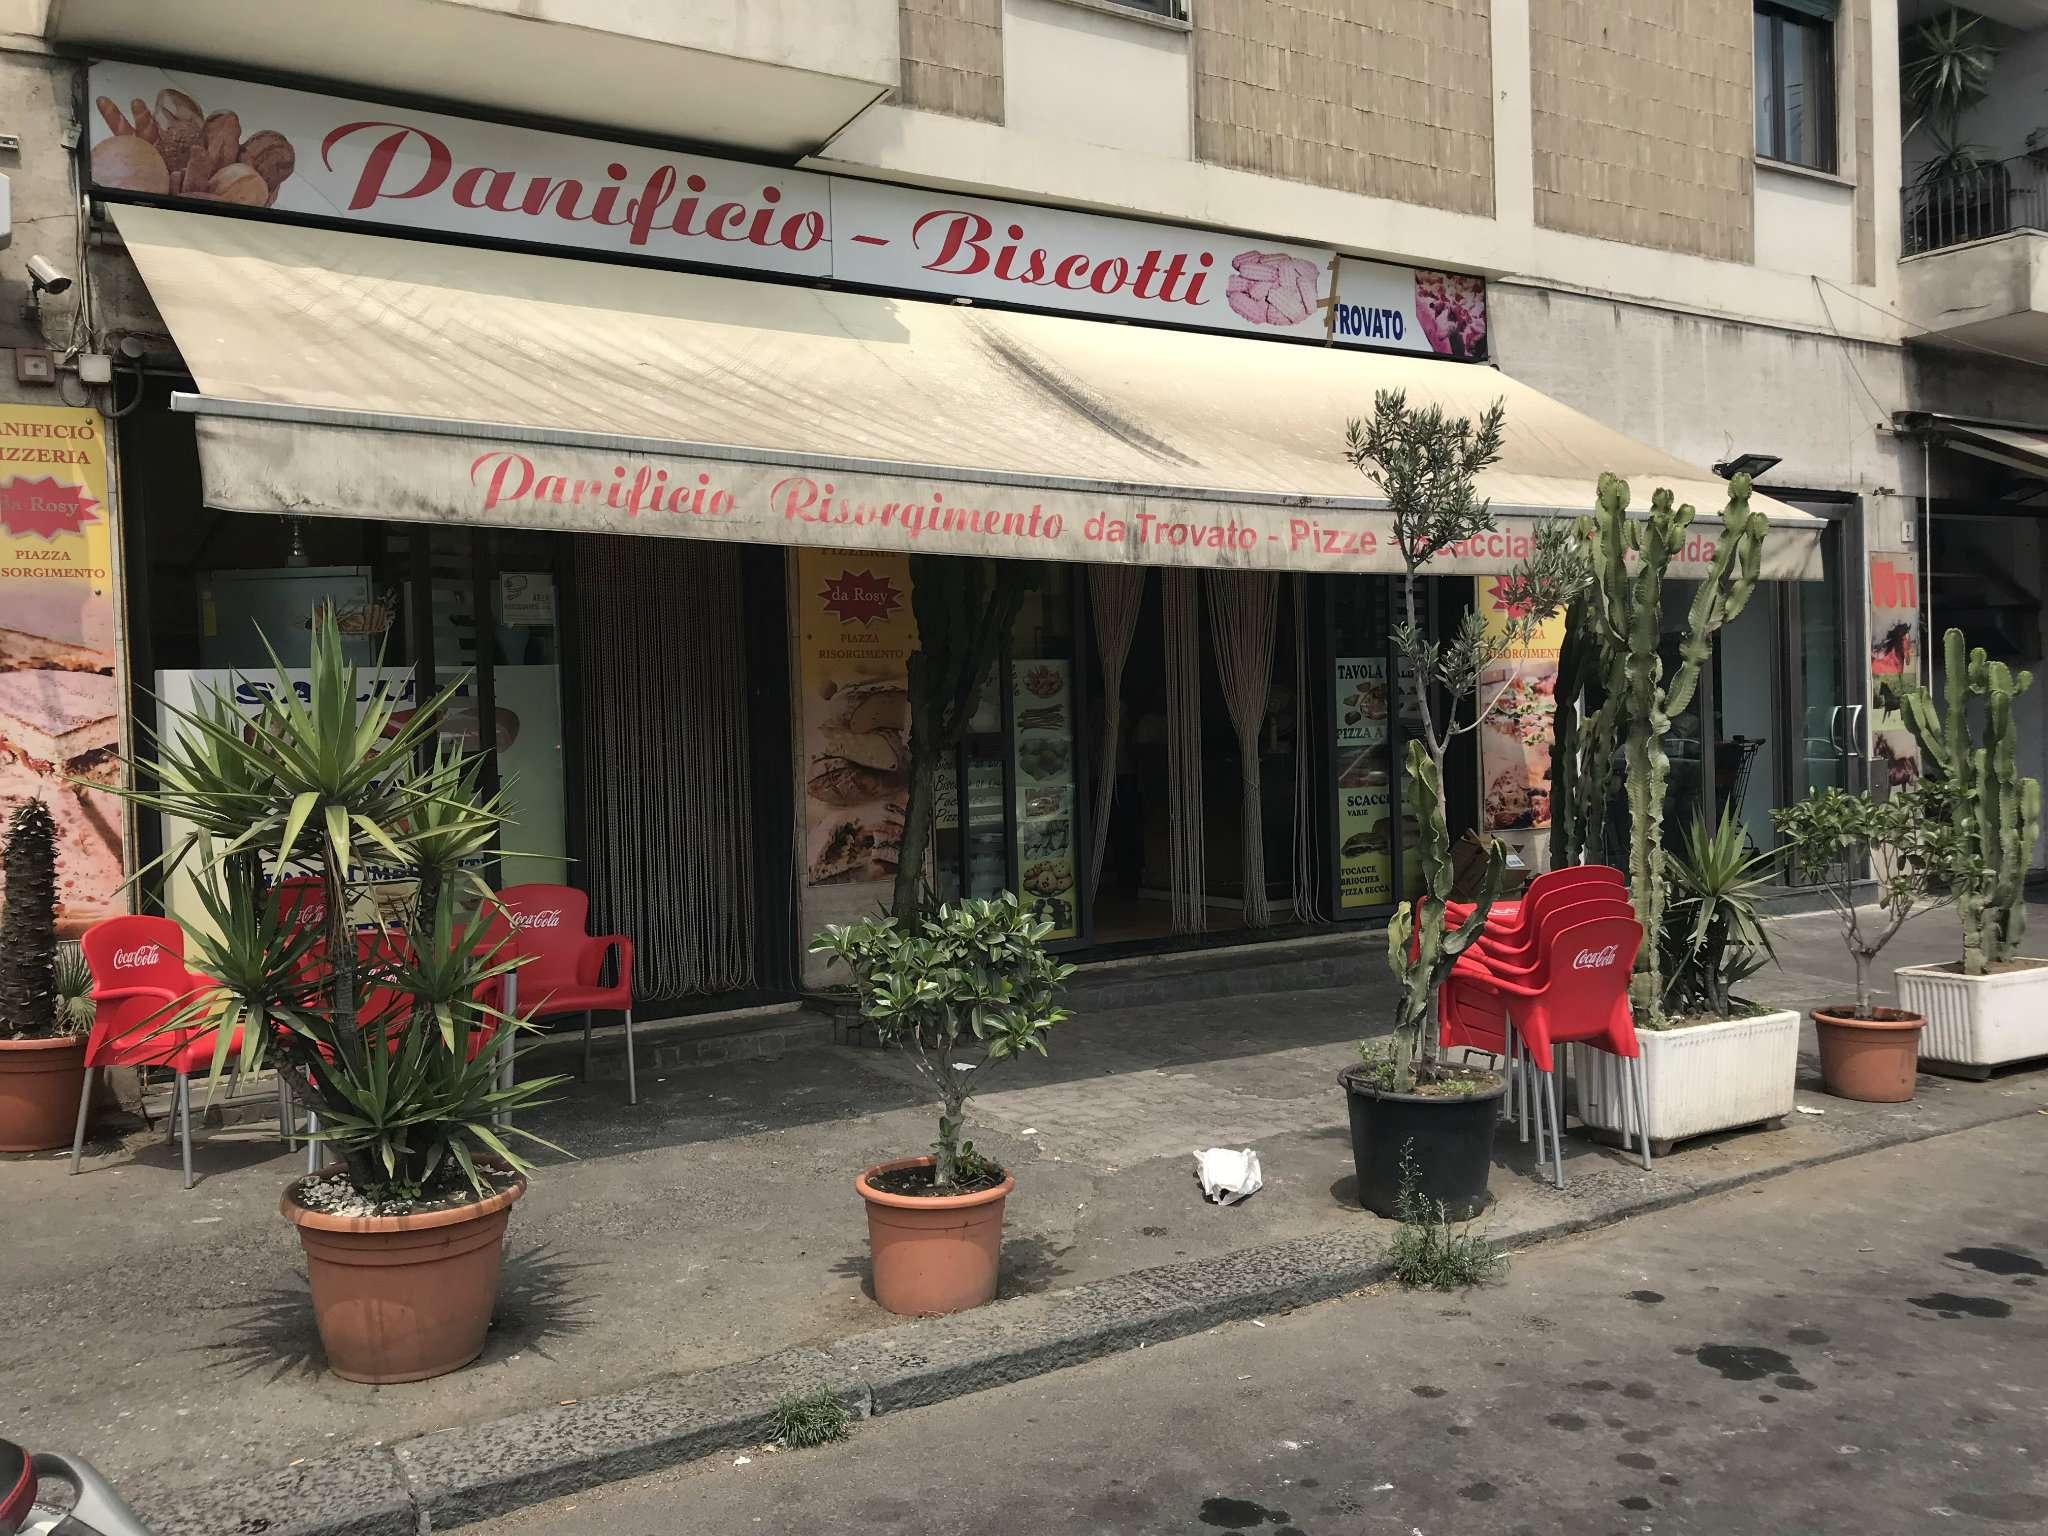 Vendita attività artigianale di Panificio, rivendita di tavola calda,alimenti e bevande